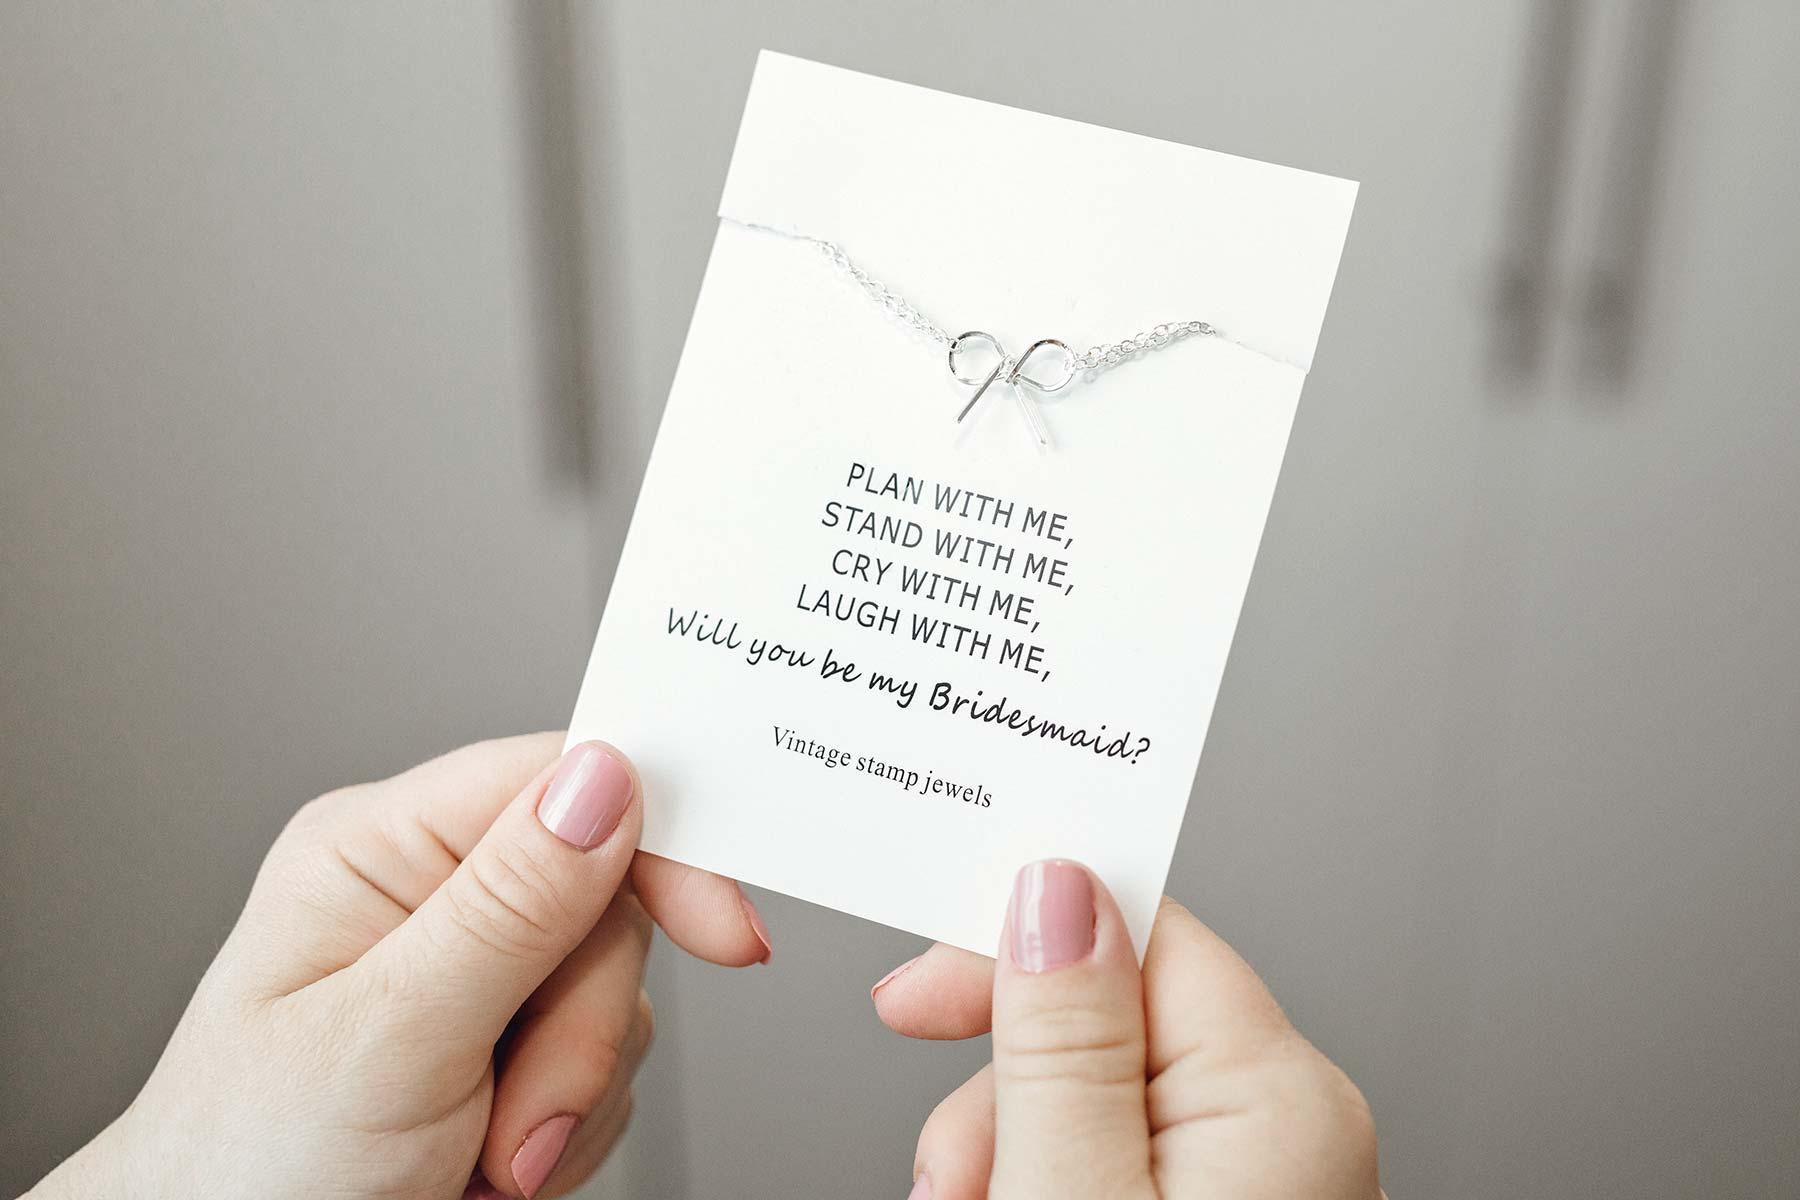 Geschenk für die Brautjungfer bestellt bei wish.com